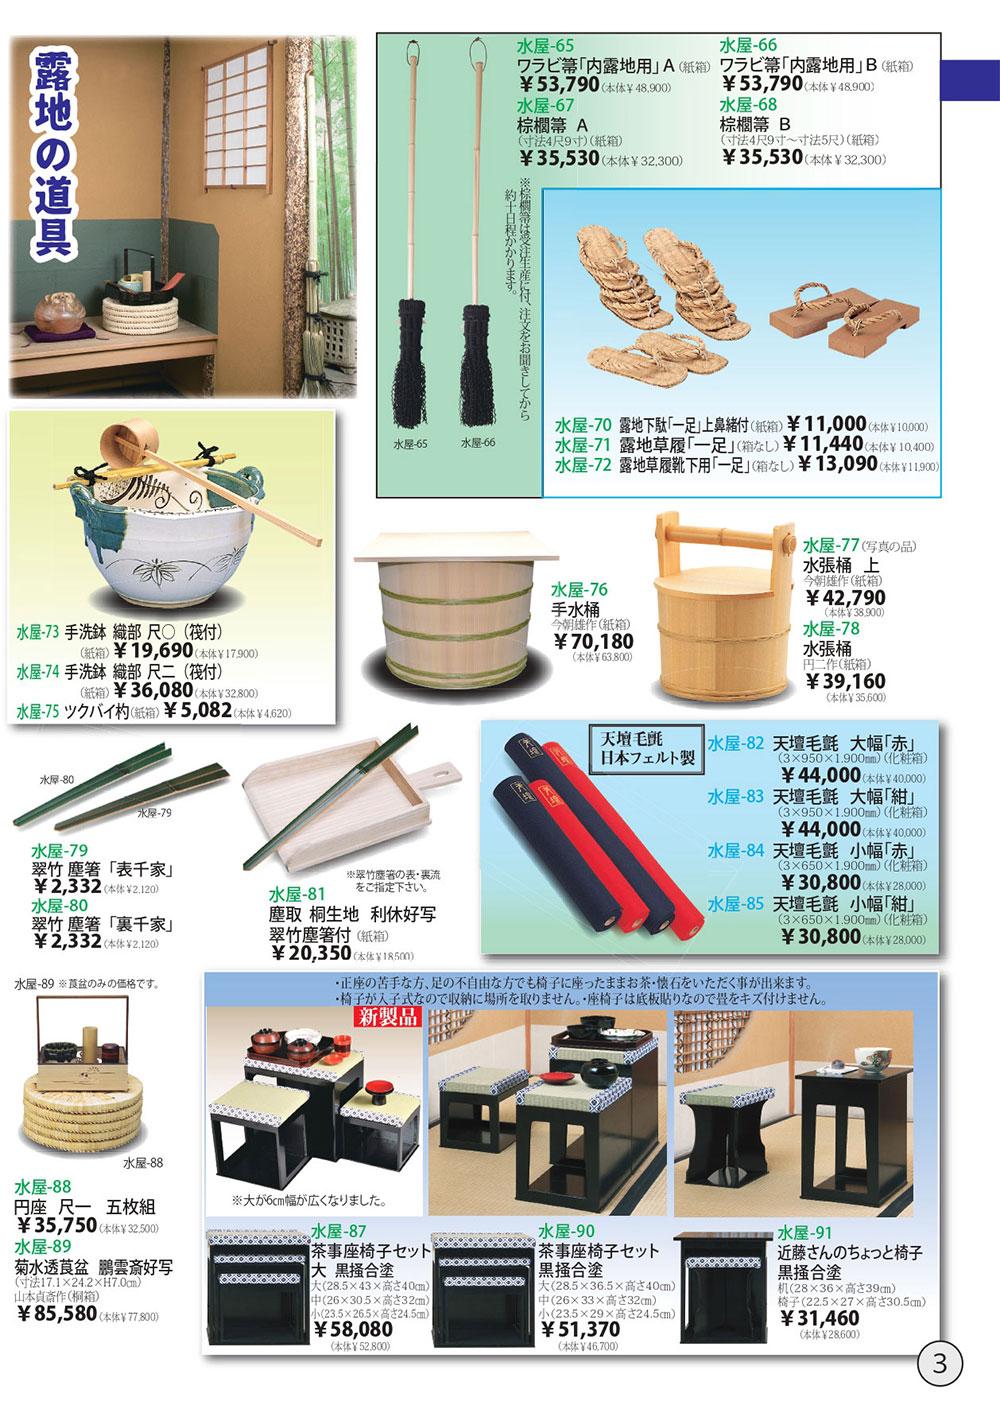 茶道具カタログ P3